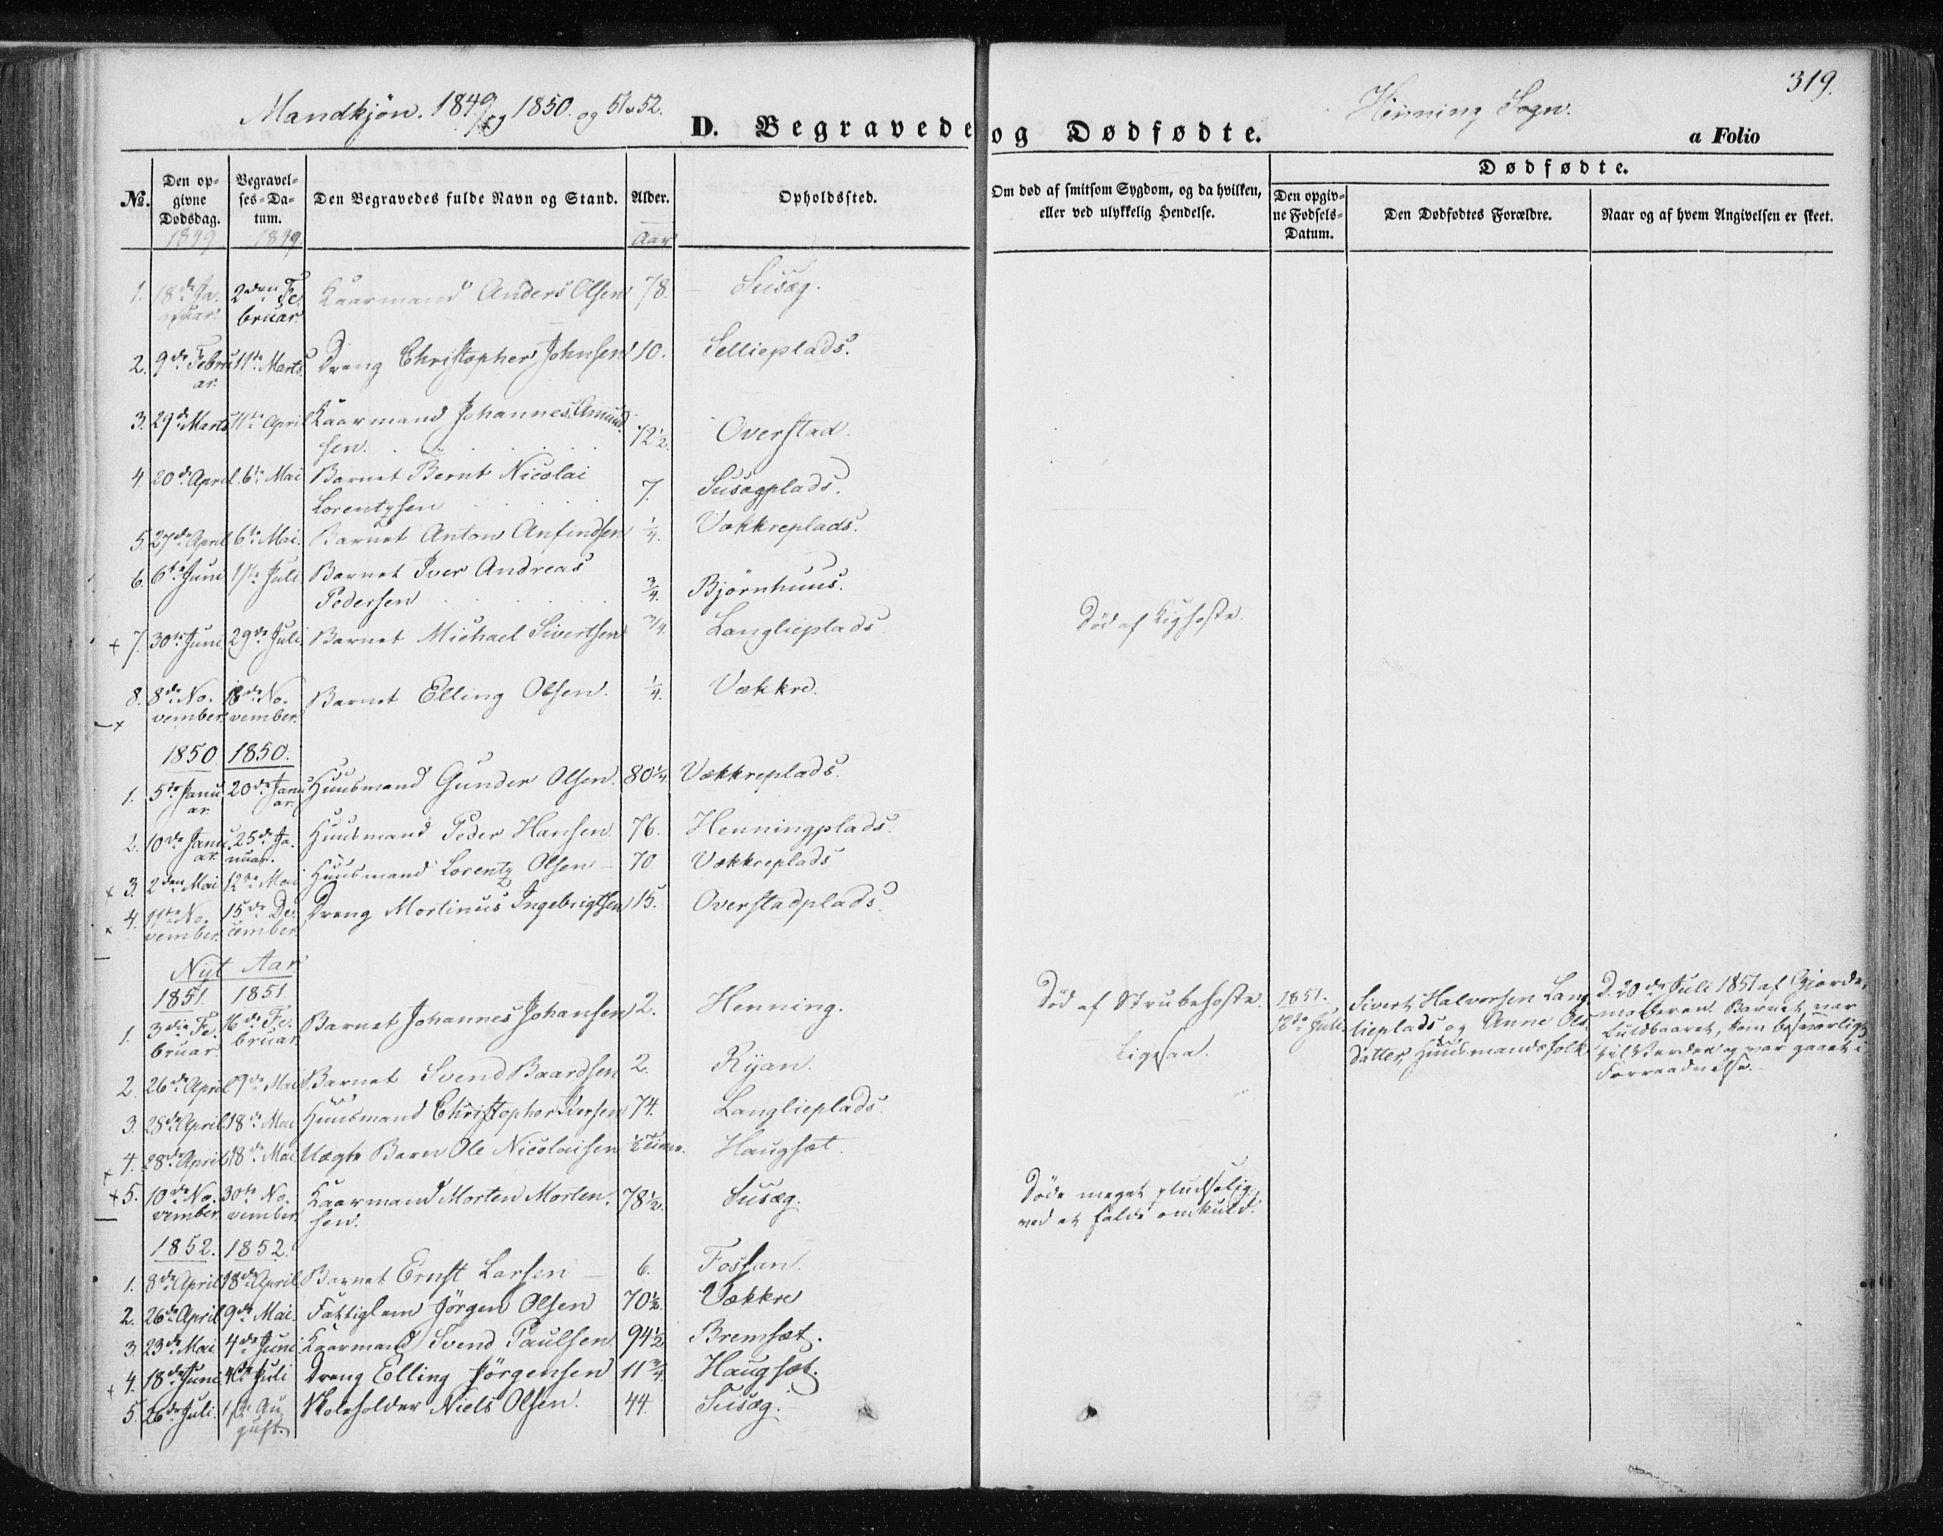 SAT, Ministerialprotokoller, klokkerbøker og fødselsregistre - Nord-Trøndelag, 735/L0342: Ministerialbok nr. 735A07 /3, 1849-1862, s. 319